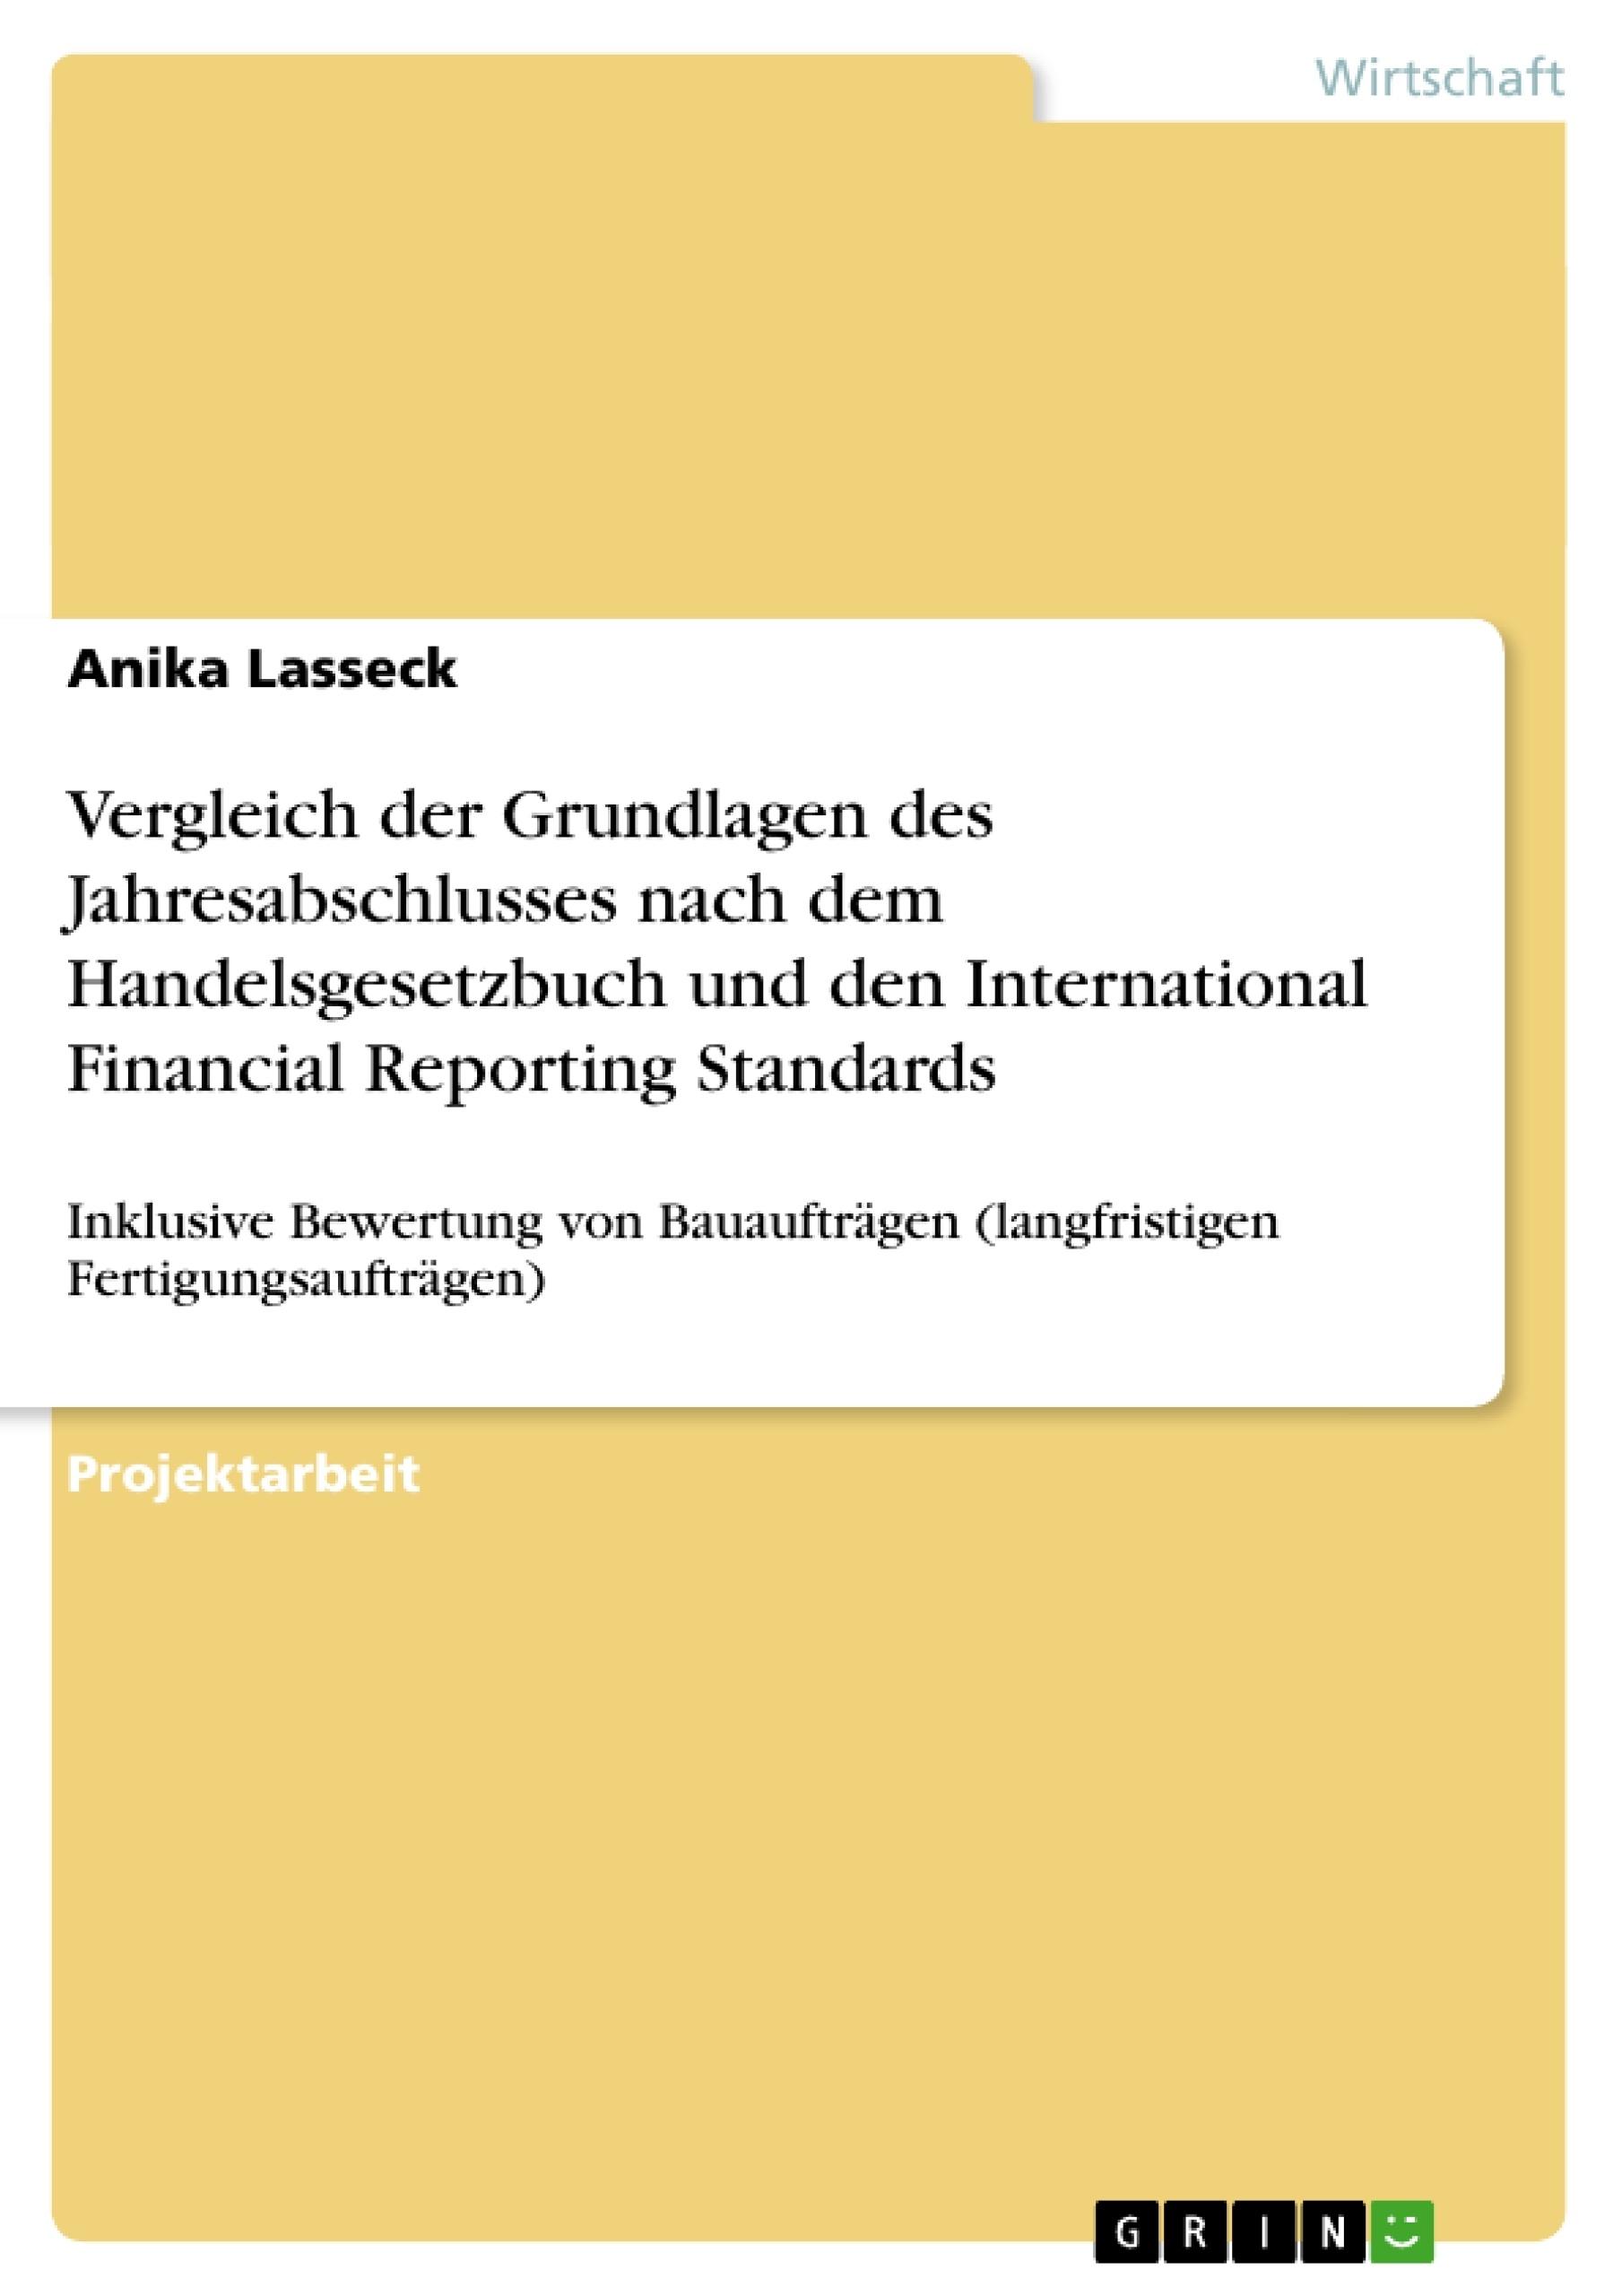 Titel: Vergleich der Grundlagen des Jahresabschlusses nach dem Handelsgesetzbuch und den International Financial Reporting Standards